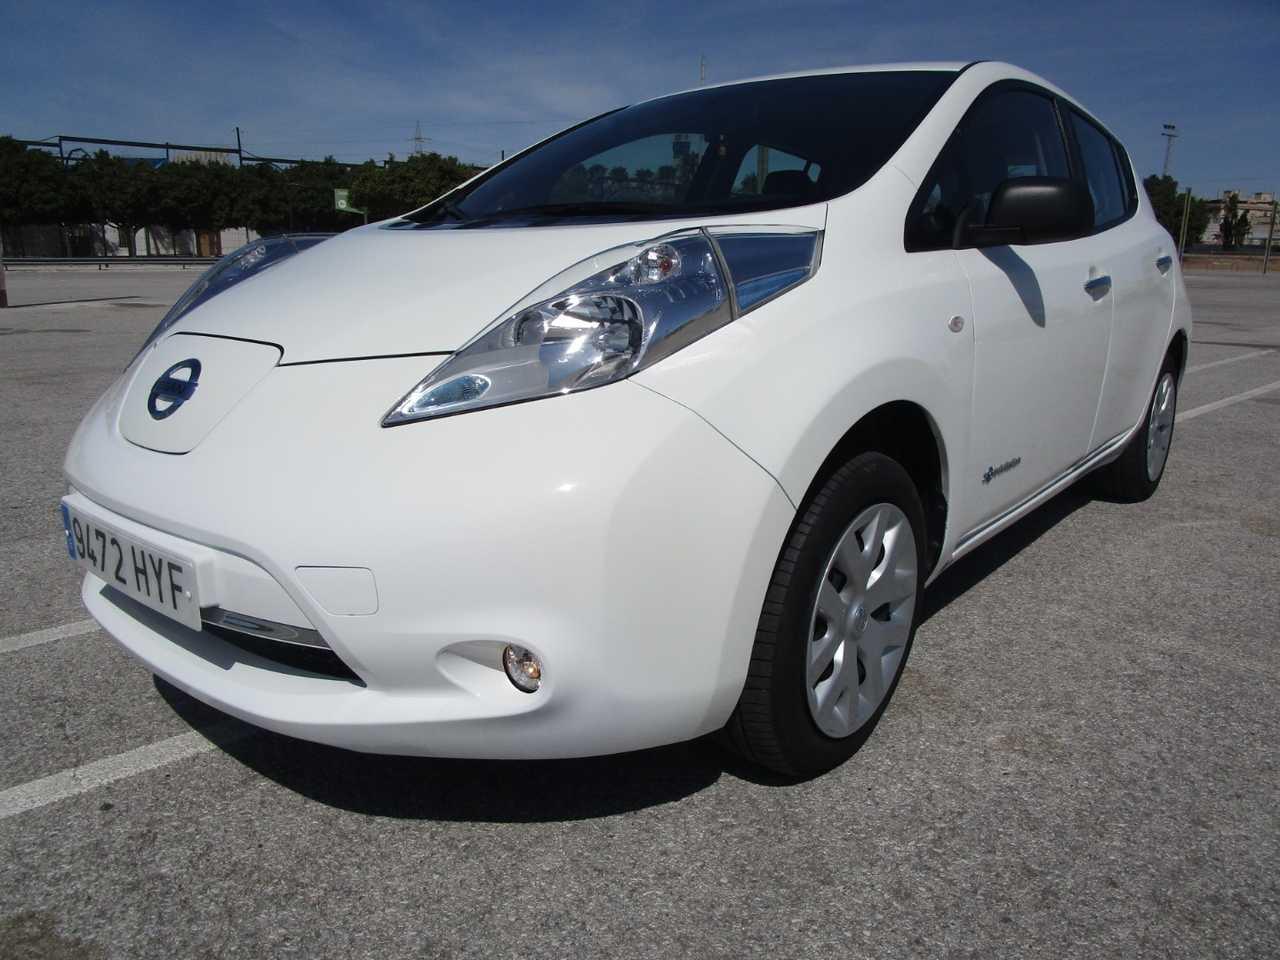 Nissan Leaf VISIA 24 KW 109 CV UN SOLO PROPIETARIO, CERTIFICADO DE KM Y CARROCERIA   - Foto 1